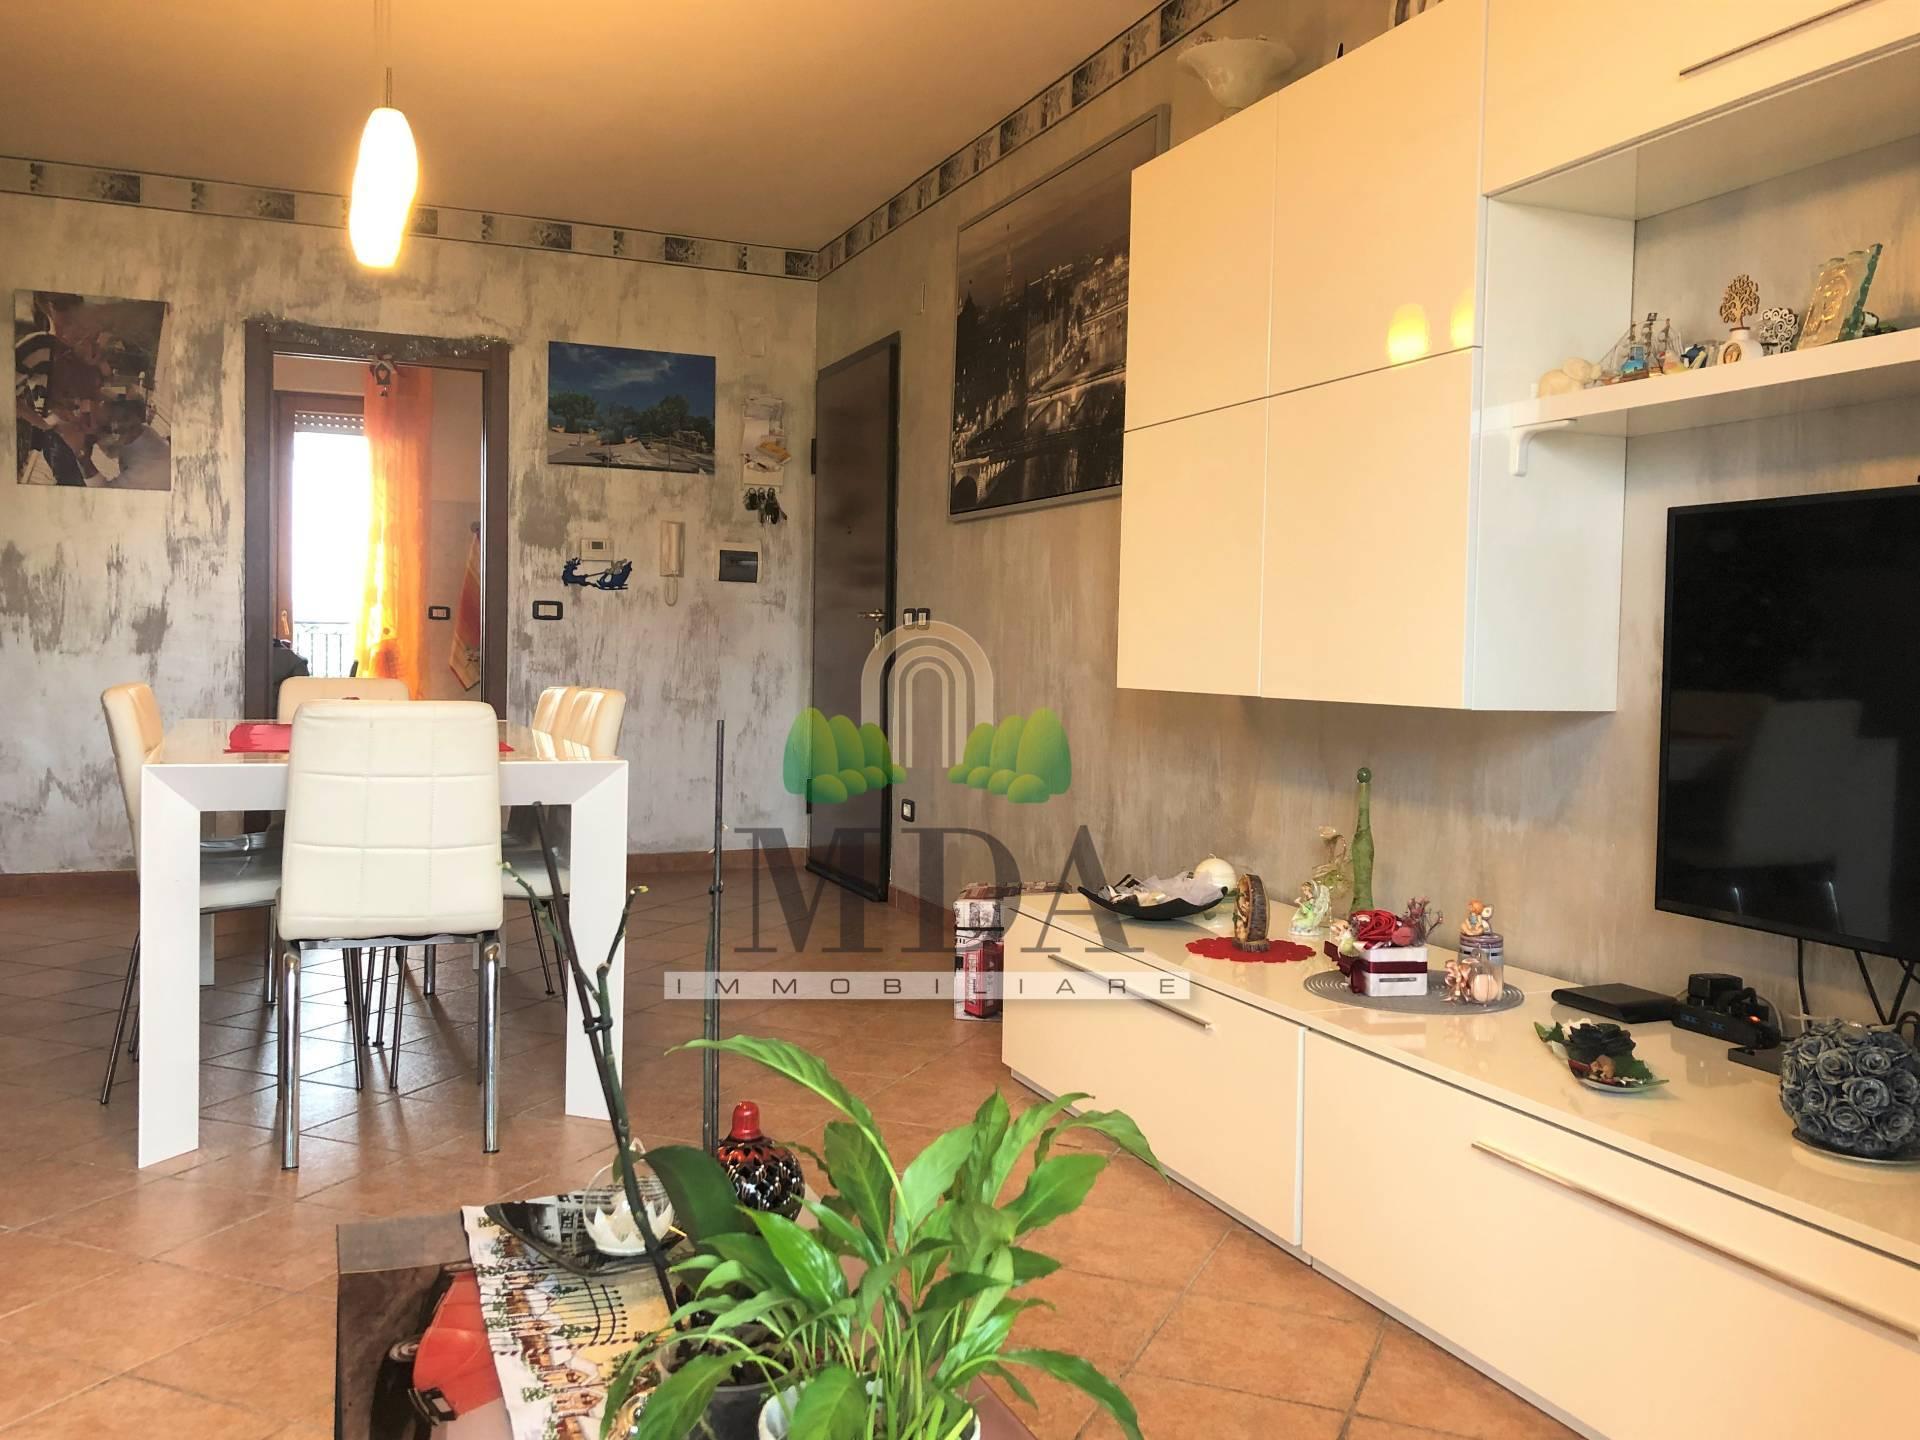 Appartamento in vendita a Corropoli, 4 locali, zona Località: Bivio, prezzo € 90.000 | PortaleAgenzieImmobiliari.it